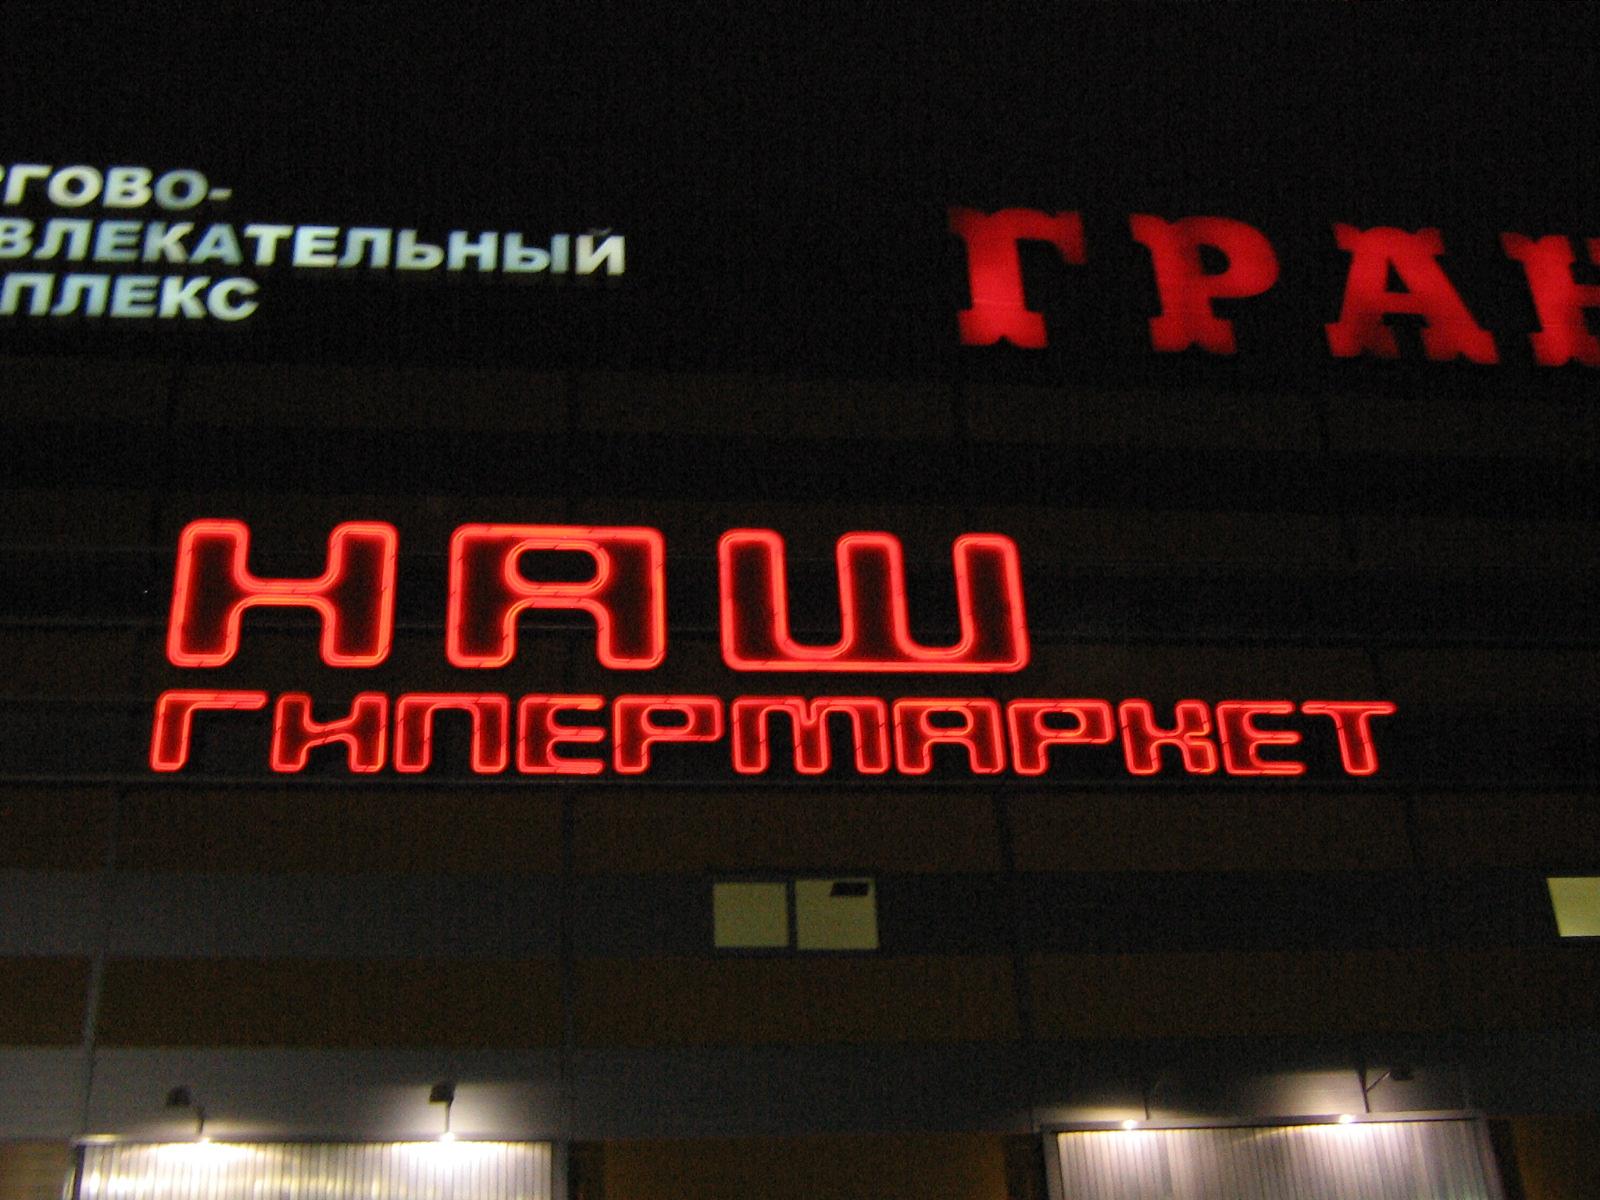 Световая фасадная вывеска на торговом центре